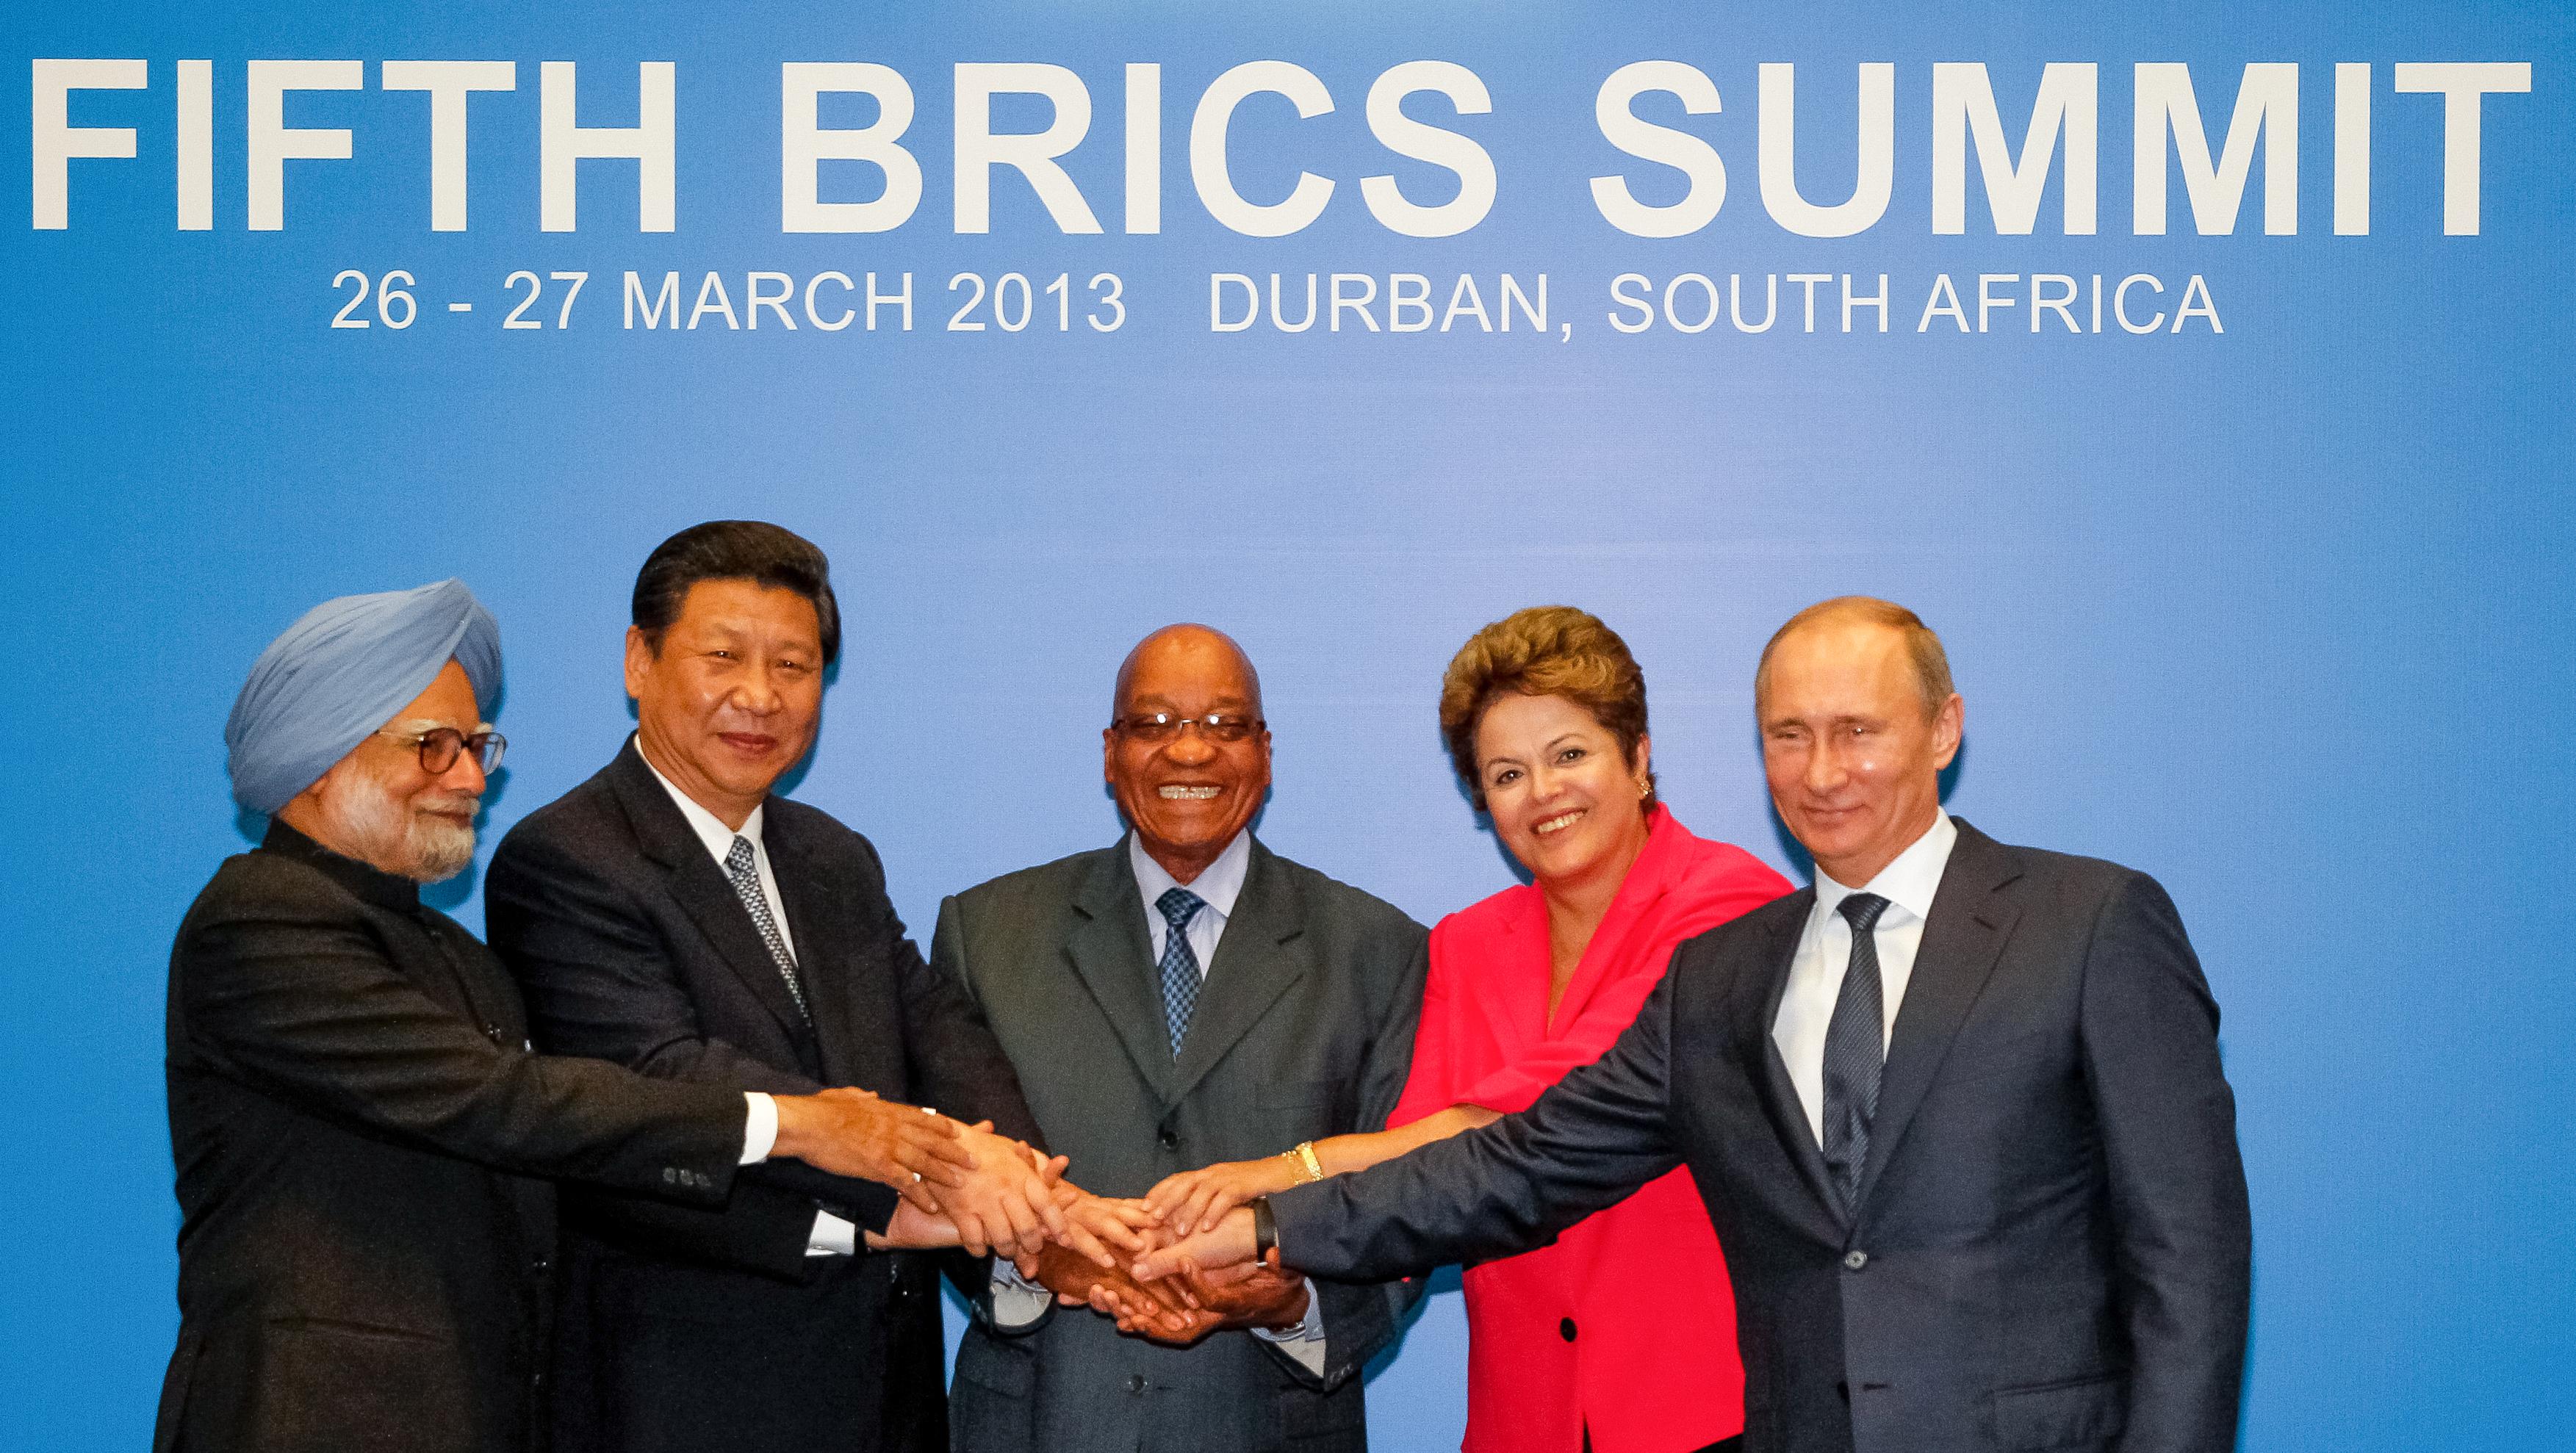 Foto der Regierungschefs der 5 BRICS-Staaten beim Händeschütteln.